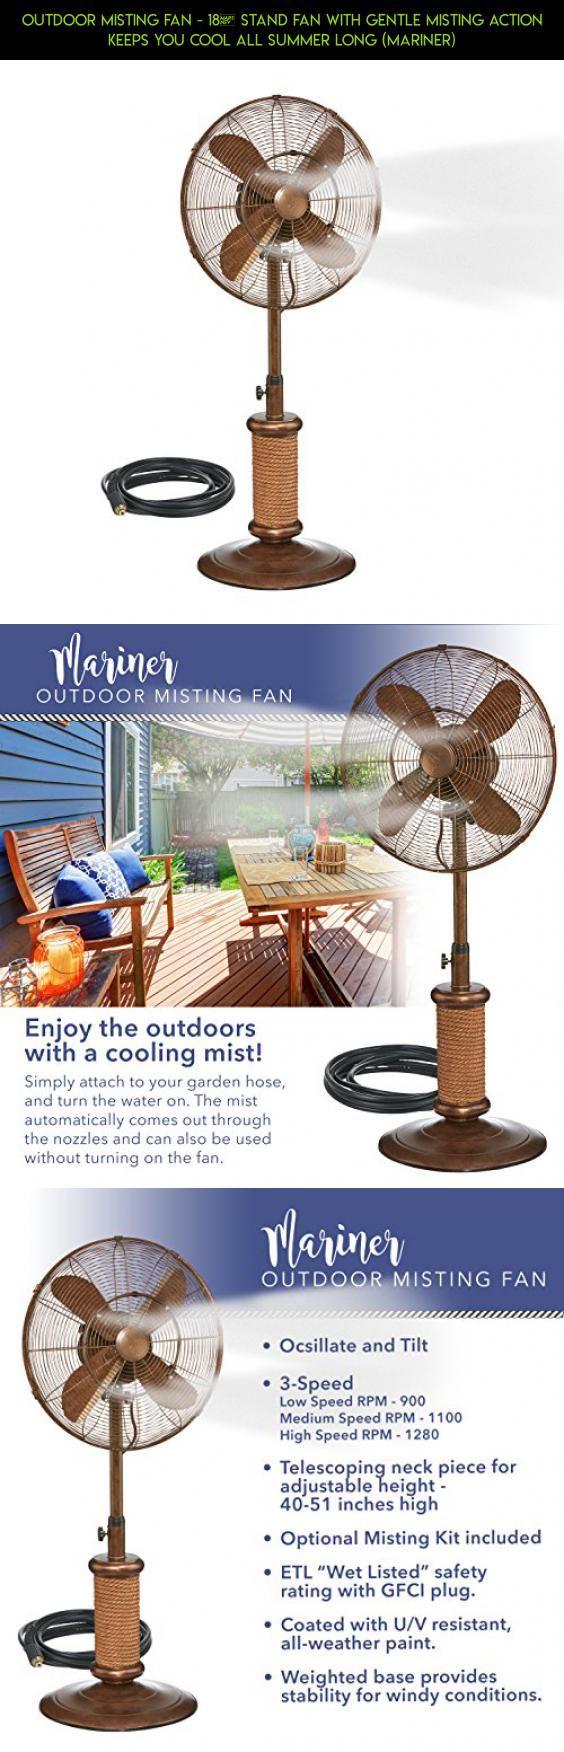 outdoor misting fan 18u201d stand fan with gentle misting action keeps you cool all - Outdoor Misting Fan